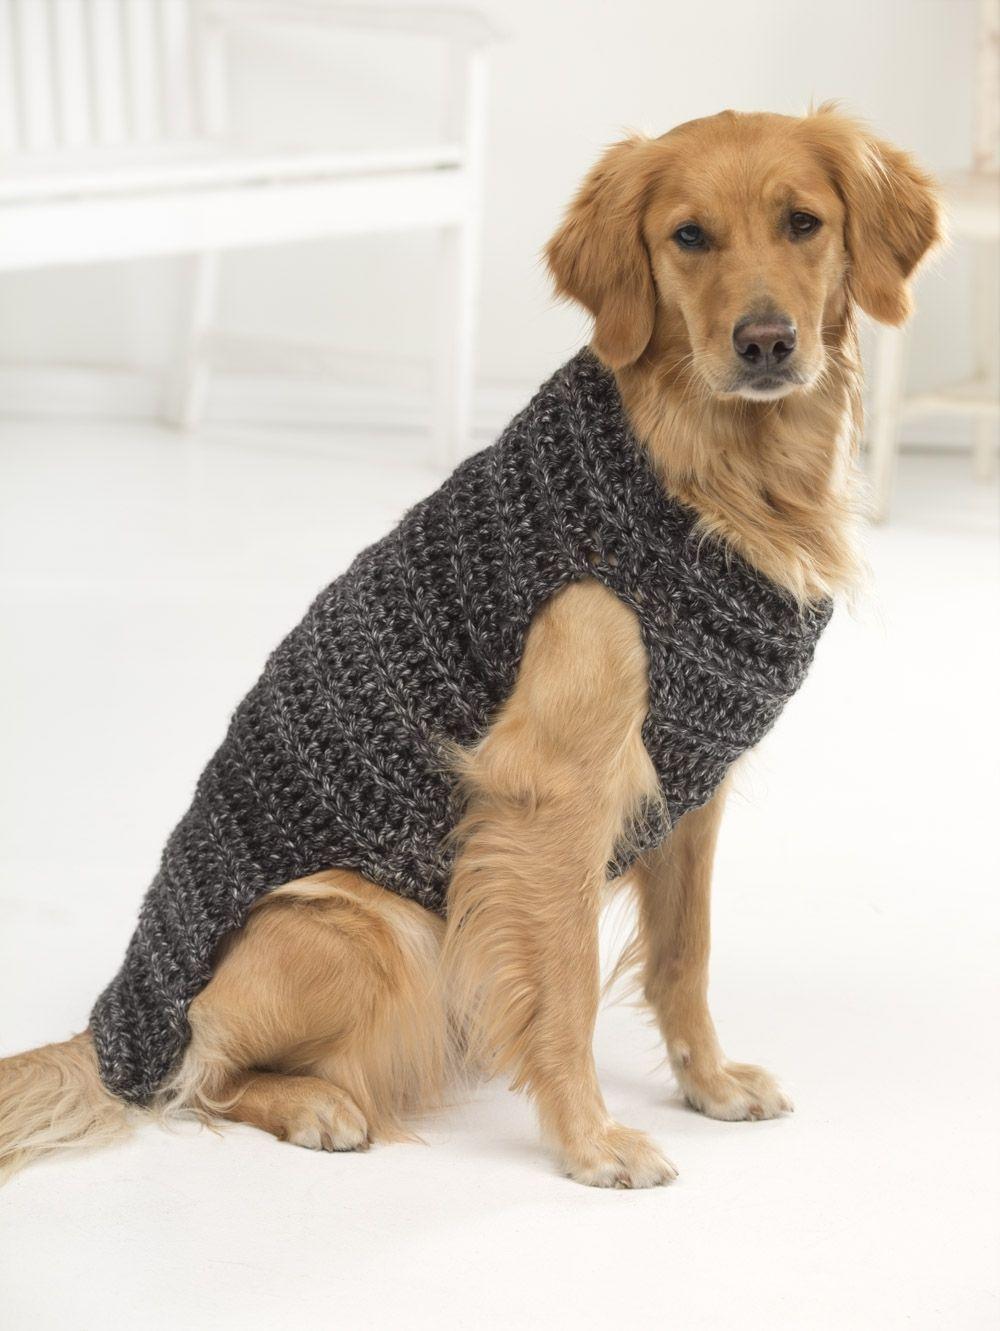 Hundepullover Stricken Mit Zopfmuster Perros Pinterest Crochet